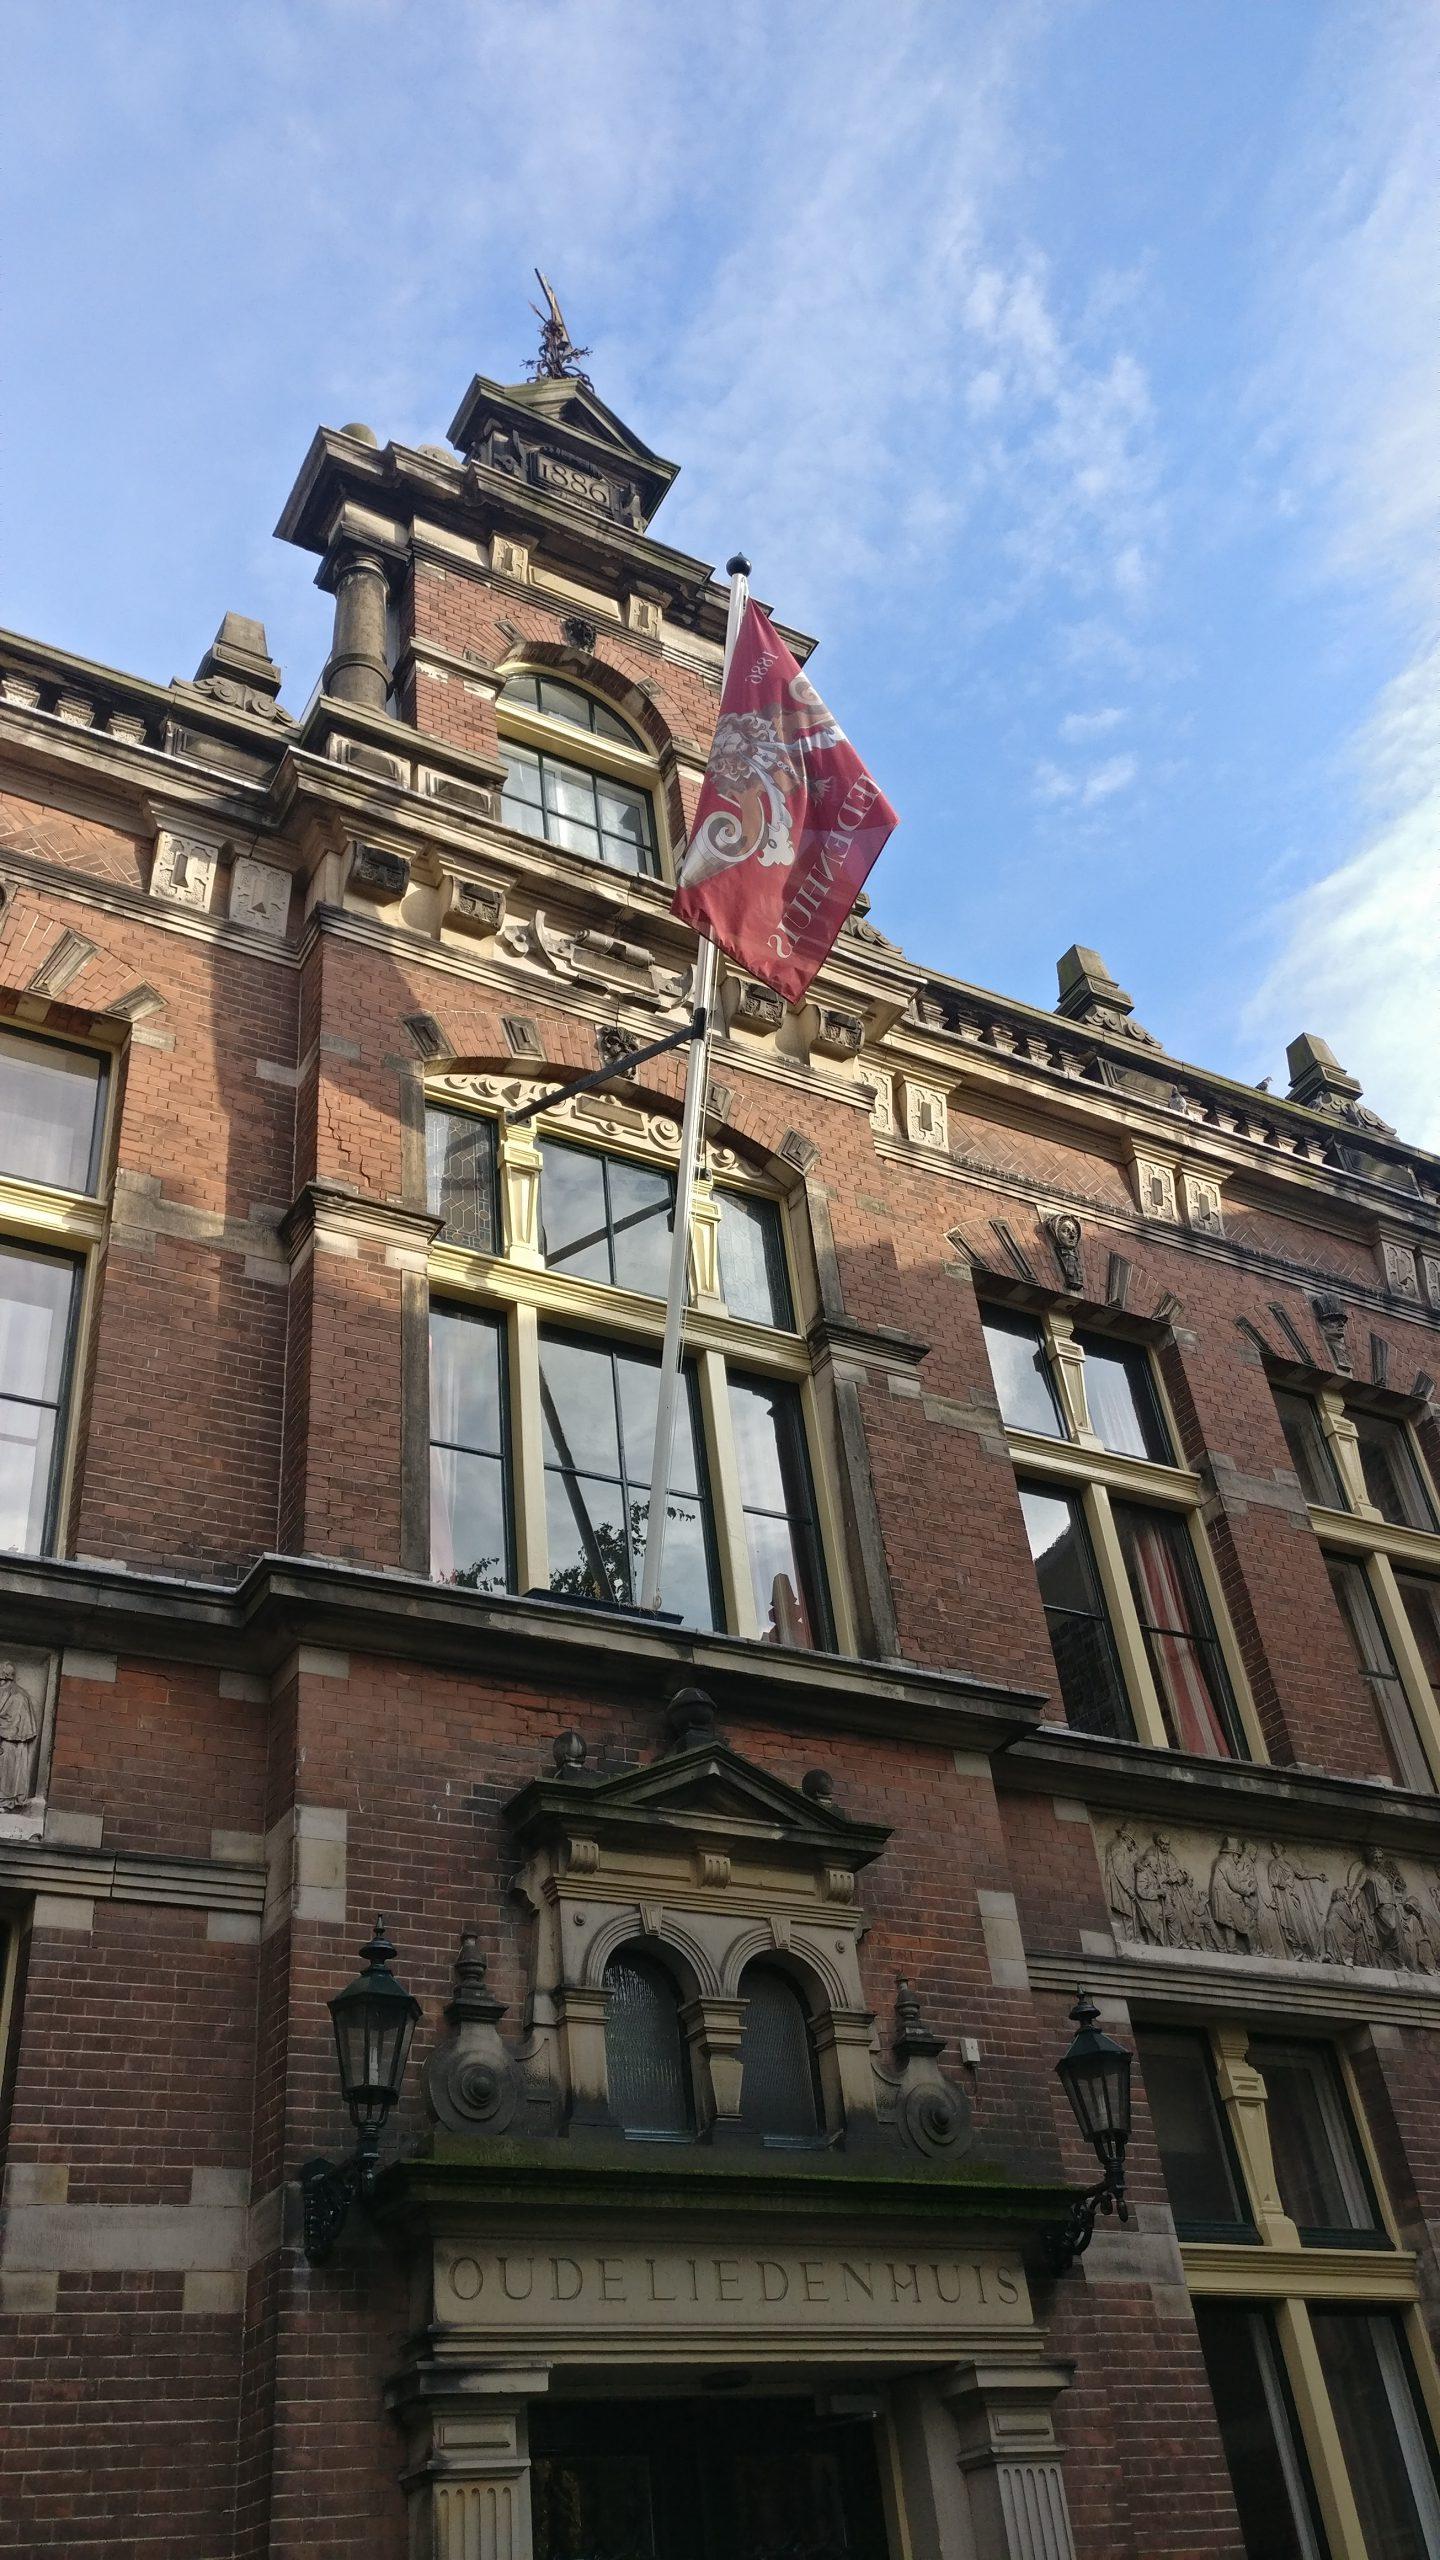 Herengracht 35 - Oudeliedenhuis